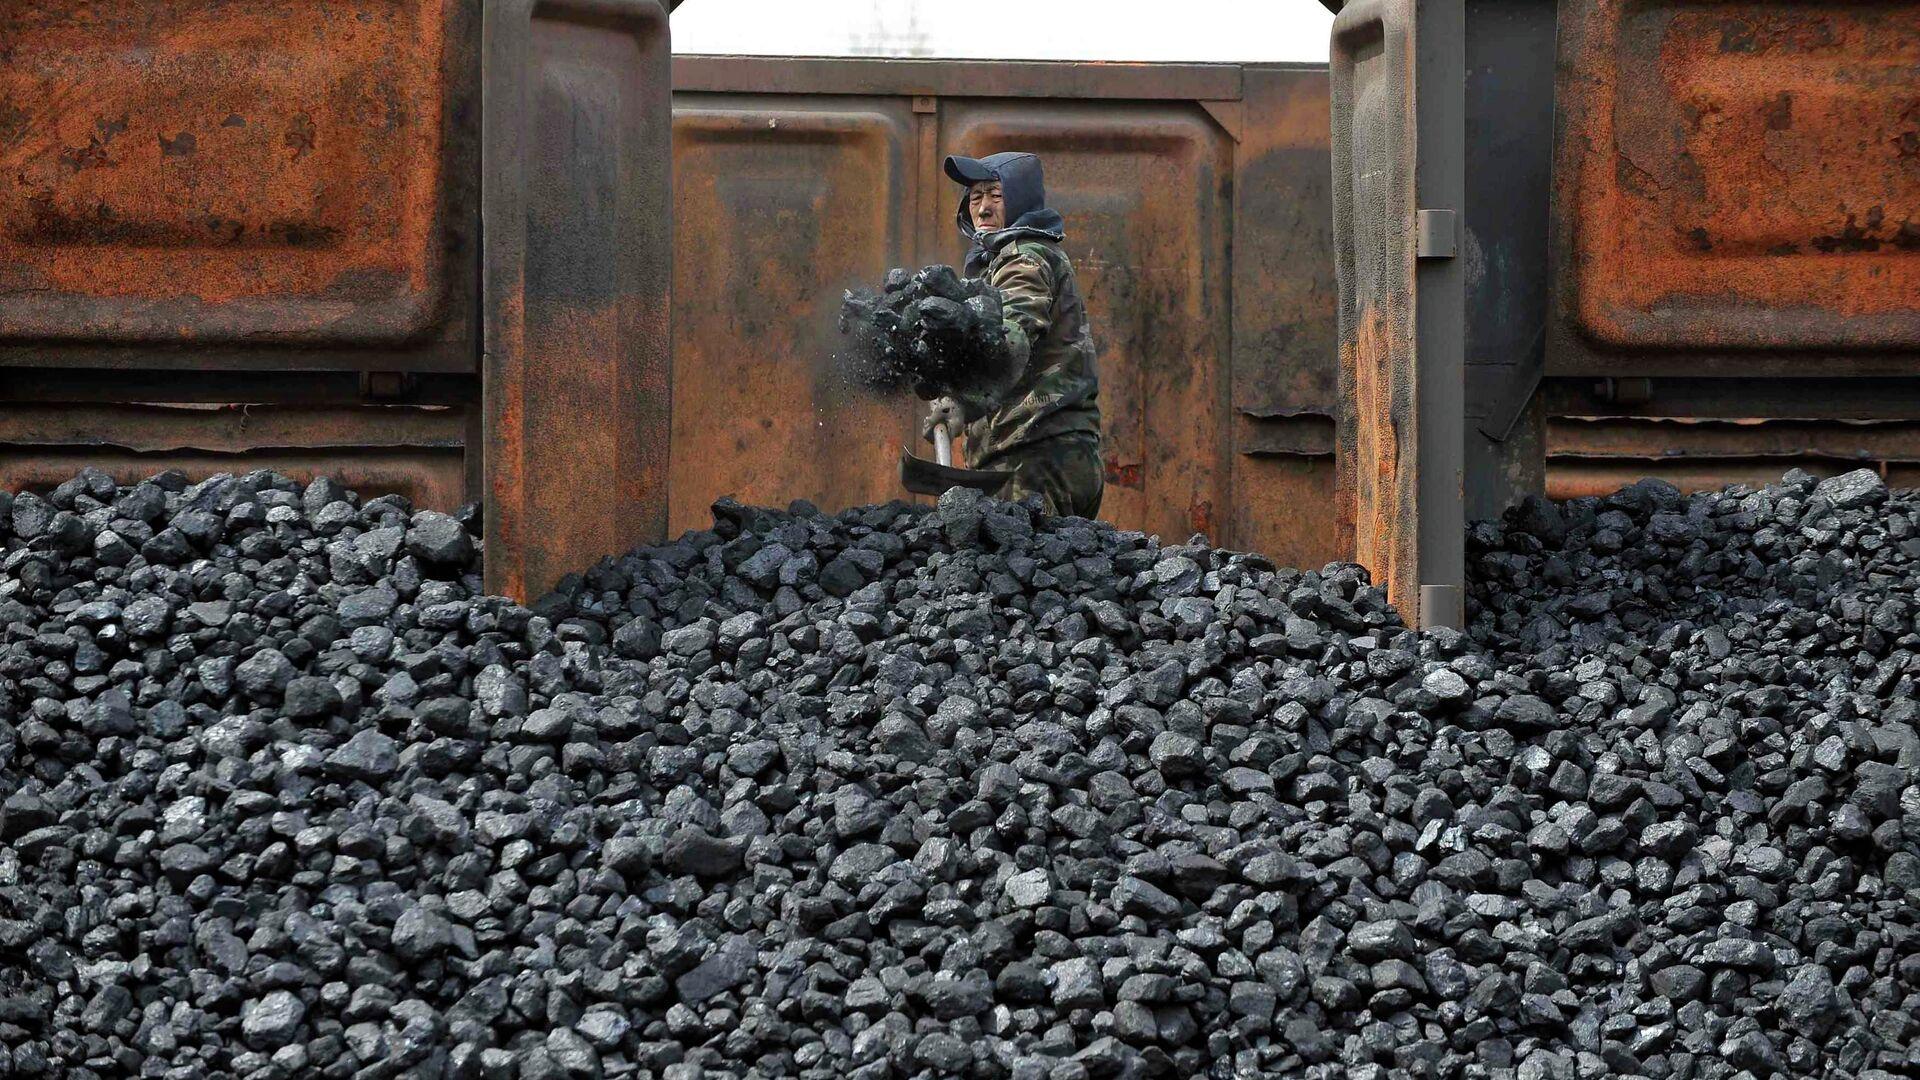 Un trabajador descarga carbón australiano en una estación de tren en Shenyang, China - Sputnik Mundo, 1920, 29.03.2021